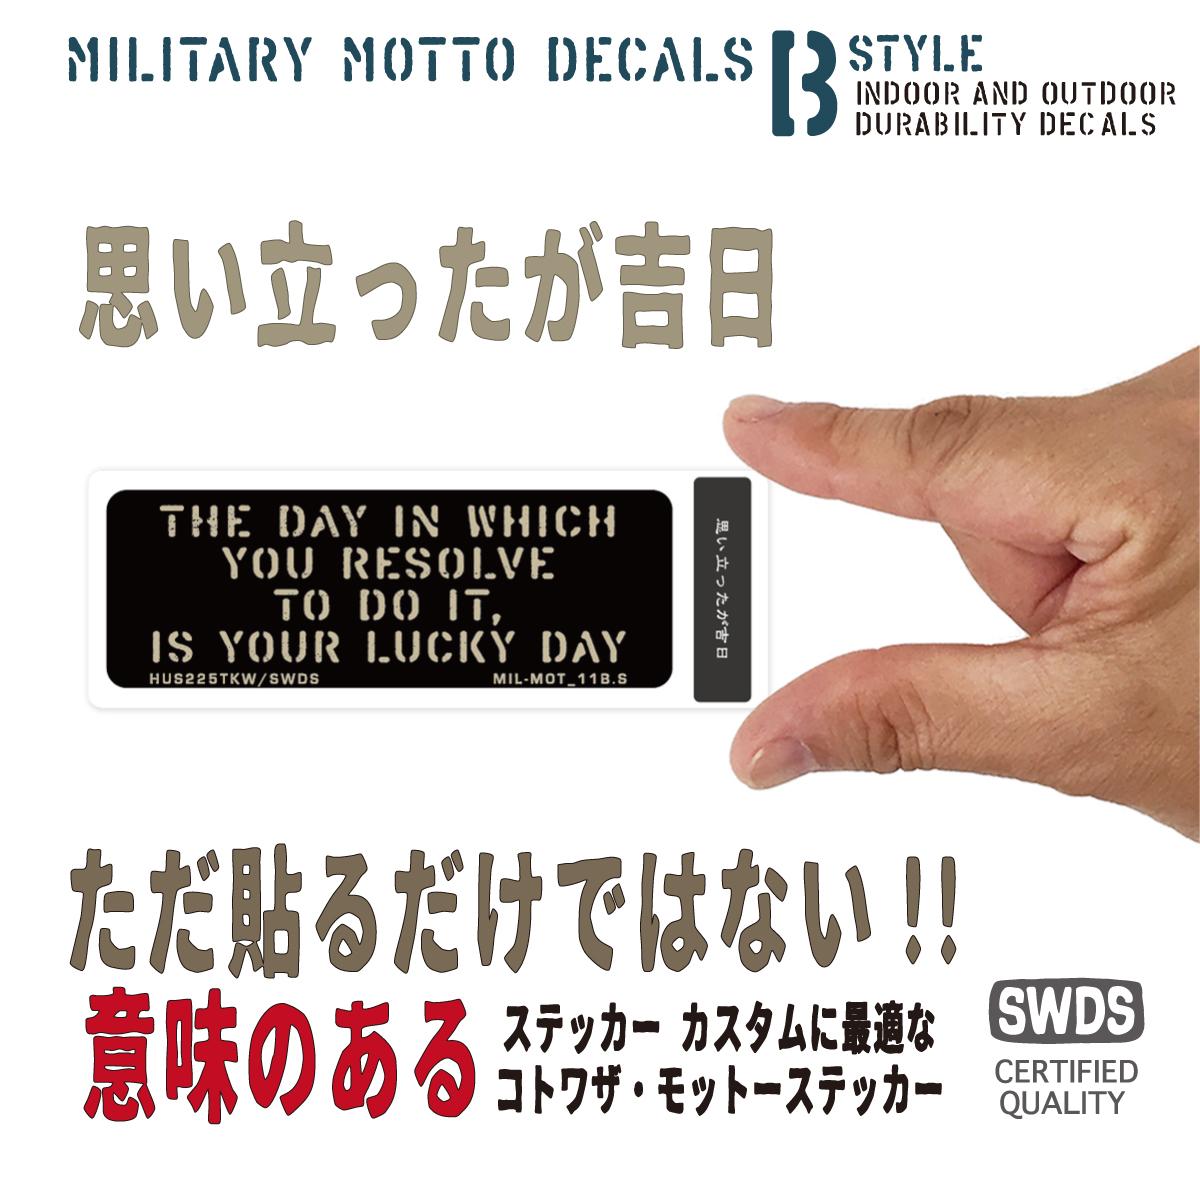 MIL-MOTB-S-011S